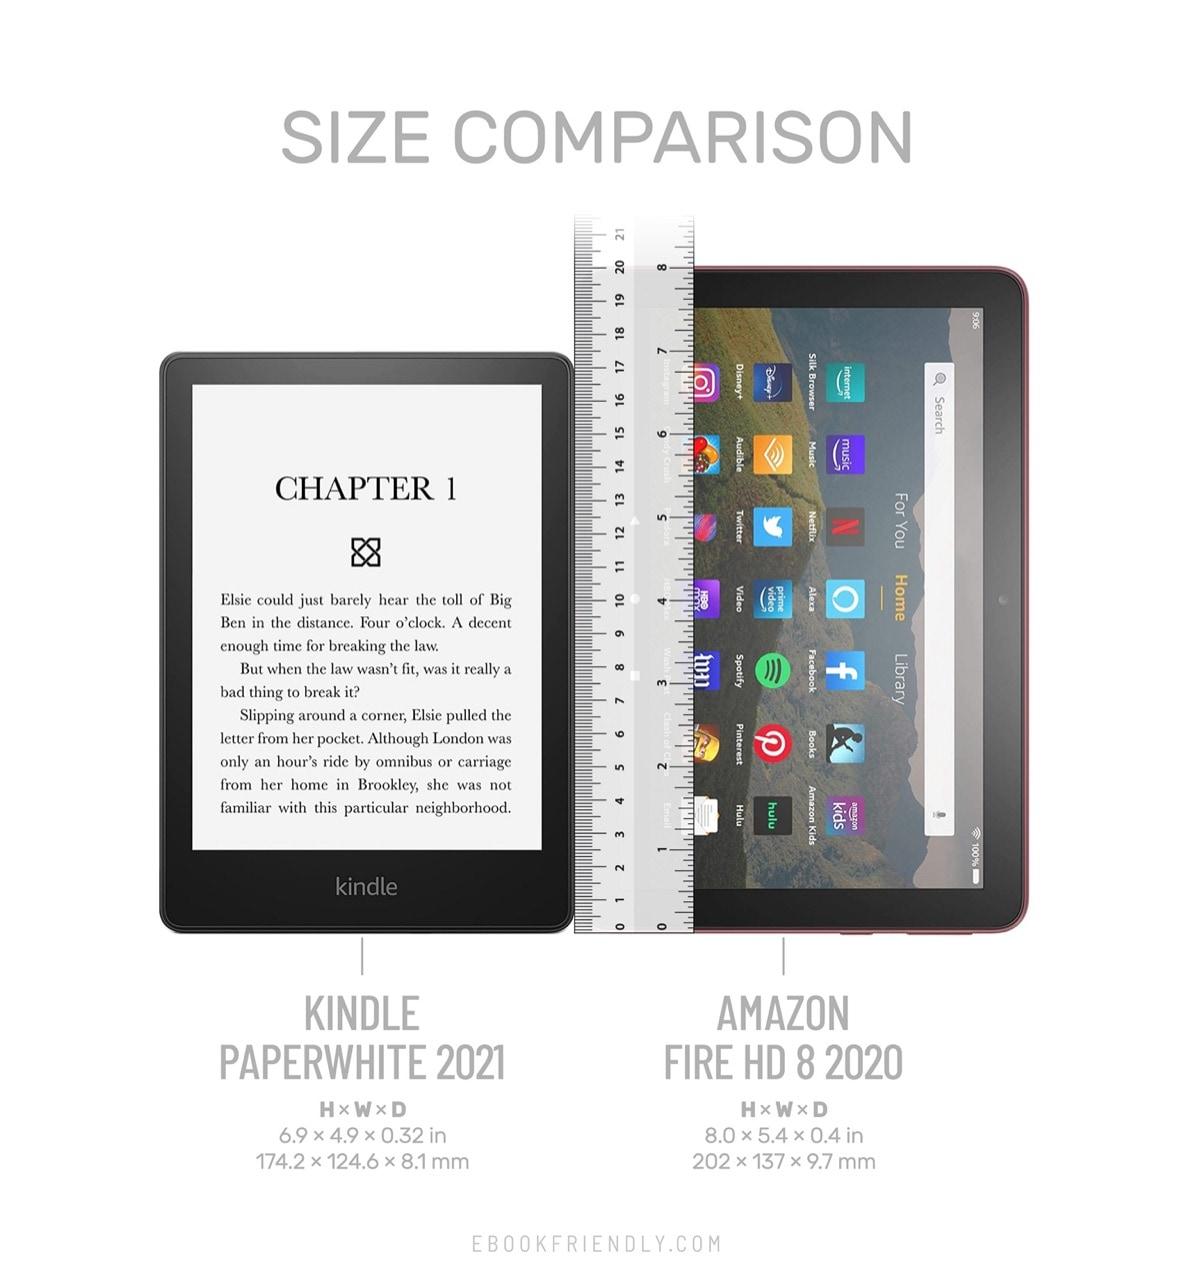 Kindle Paperwhite 6.8 2021 vs Amazon Fire HD 8 comparison